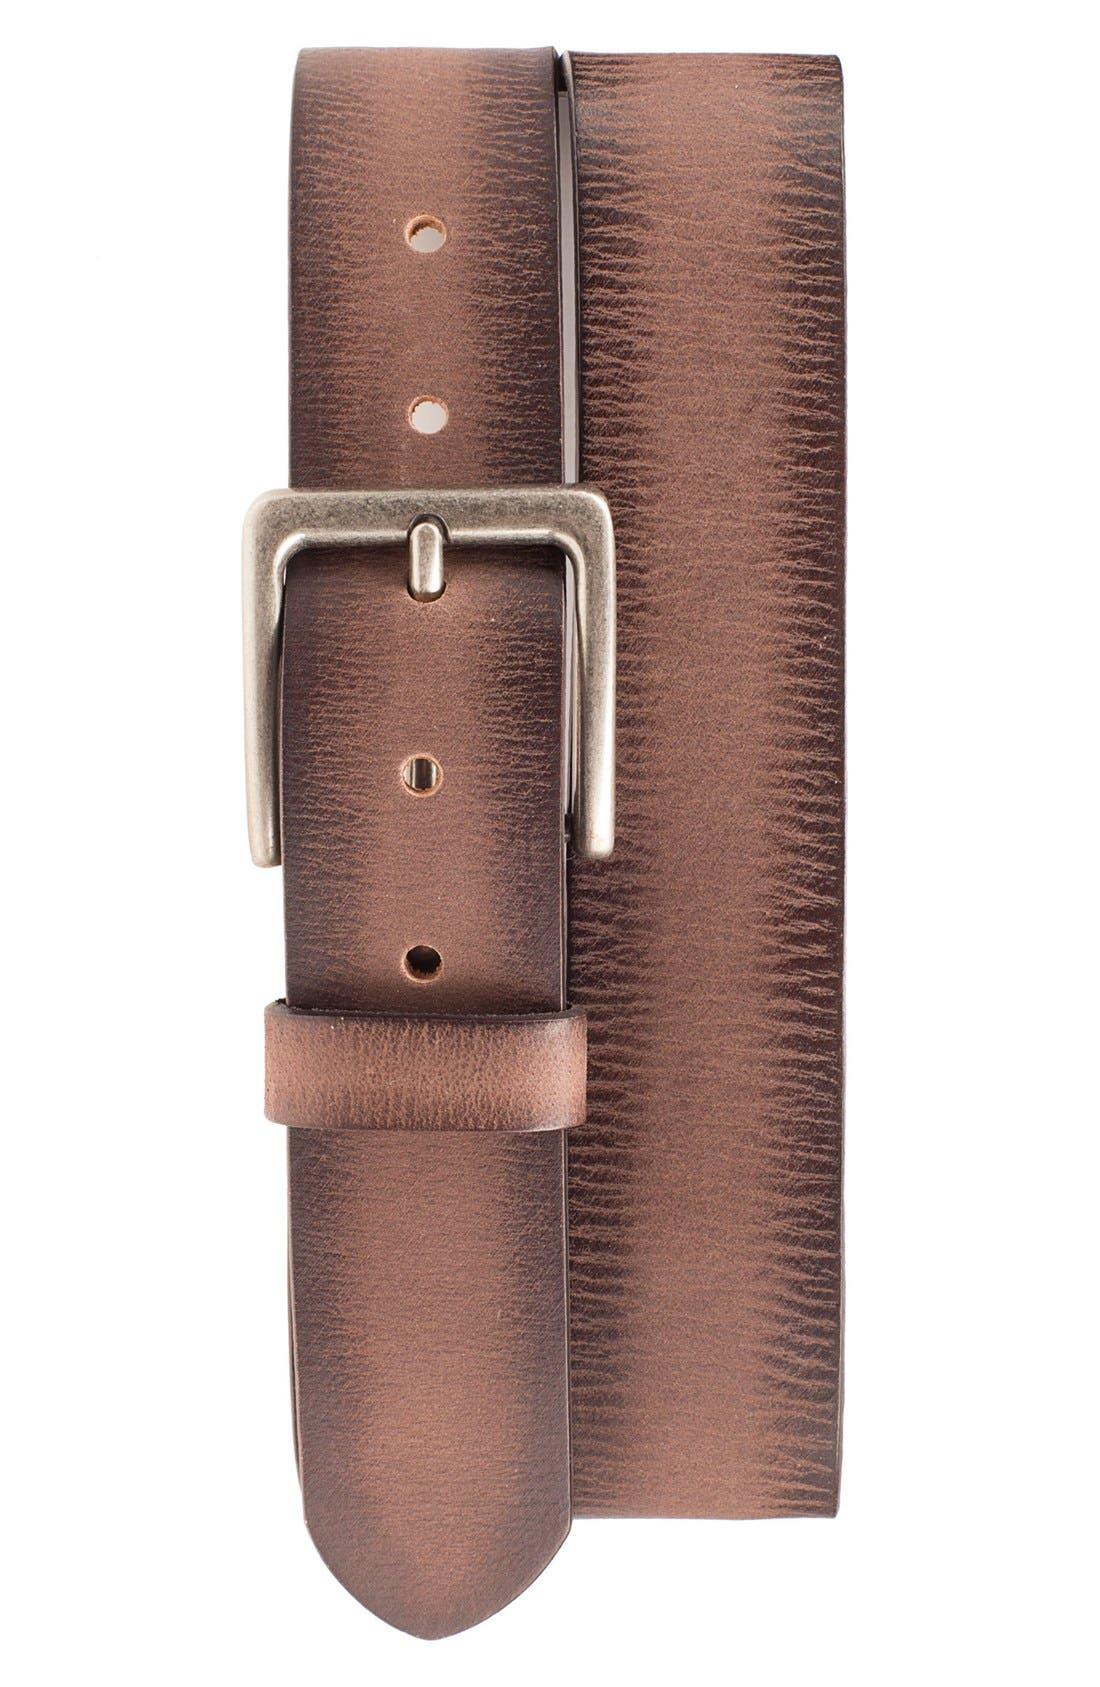 Bill Adler 1981 'Easy Rider' Leather Belt